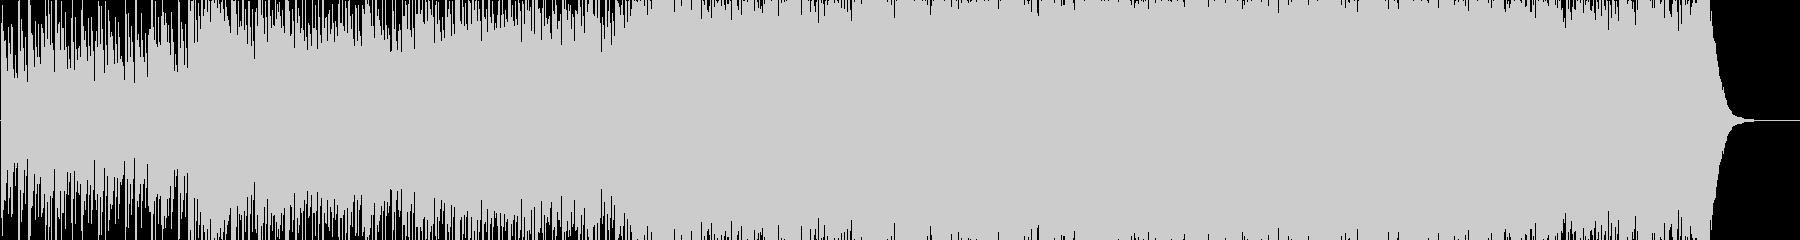 テンポの良いポップなピアノバンド【楽】の未再生の波形